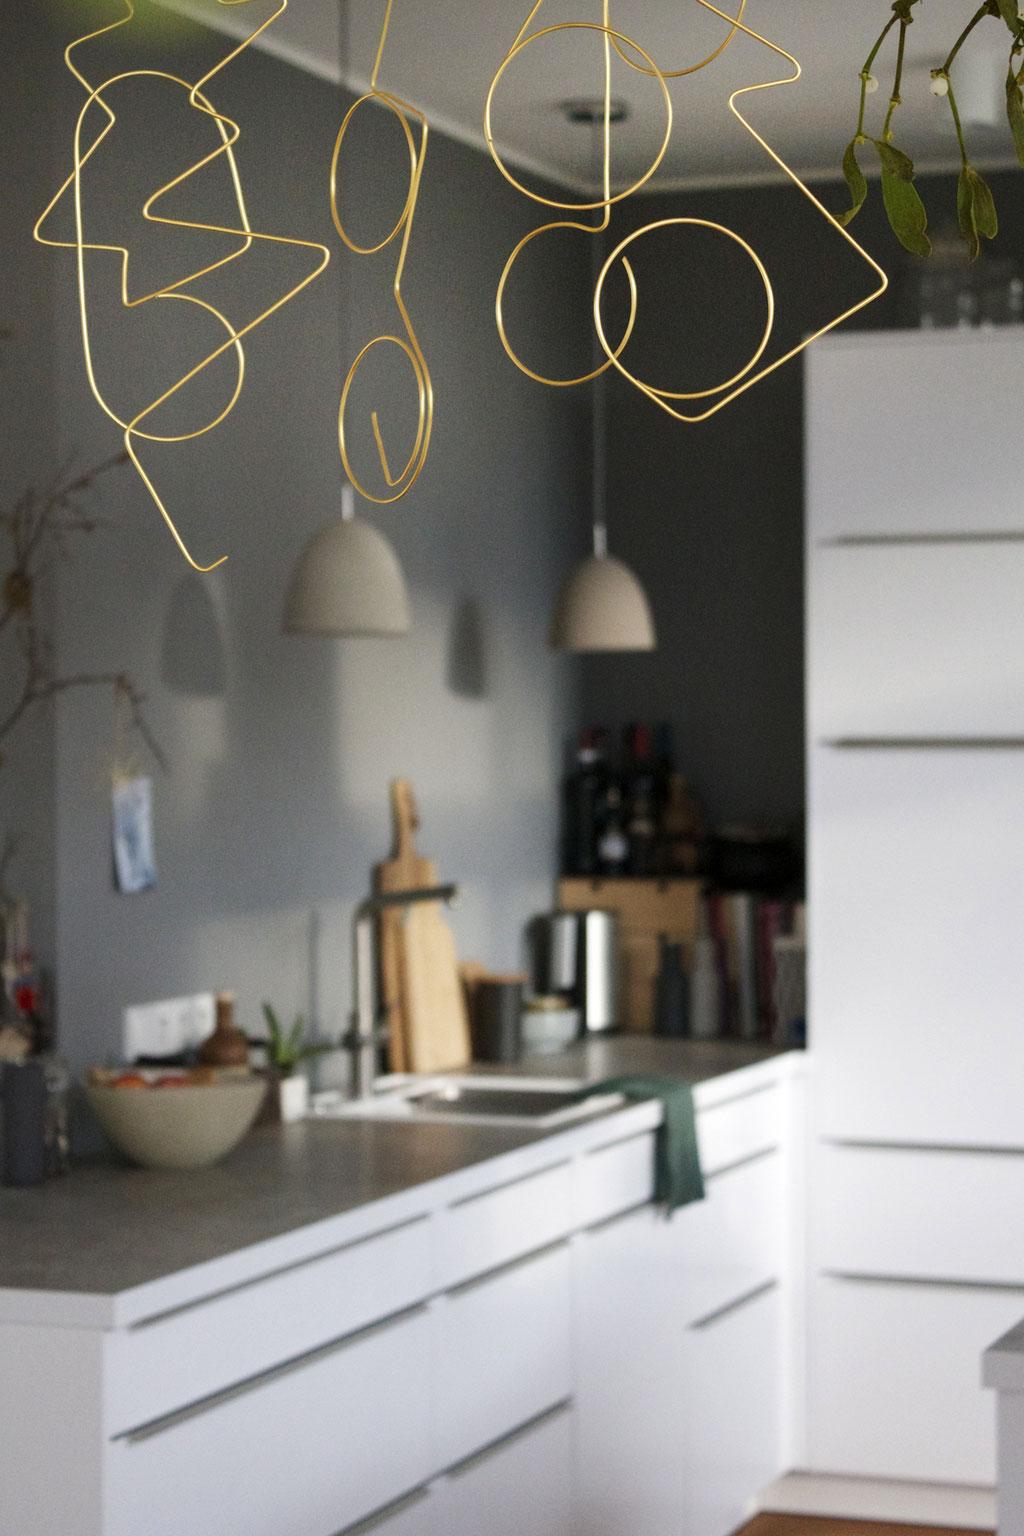 dieartigeBLOG - Weihnachtsbaum-Dekoration aus Golddraht, DIY, Küche